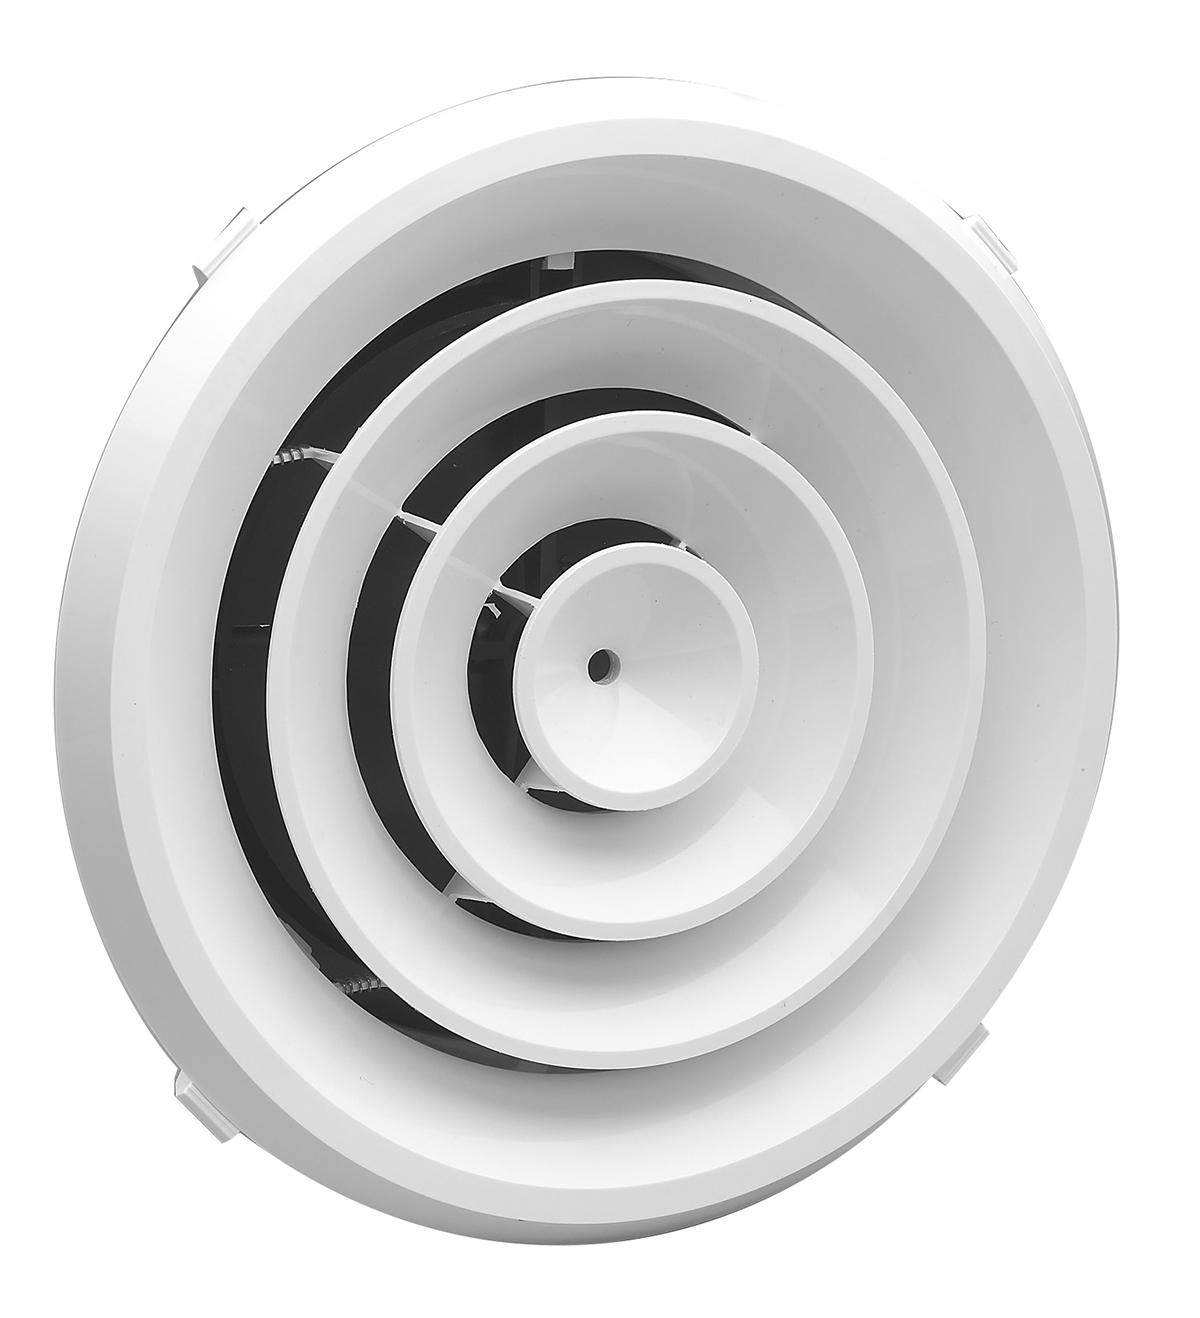 Rz Round Rezzin Round Ceiling Diffuser Lima